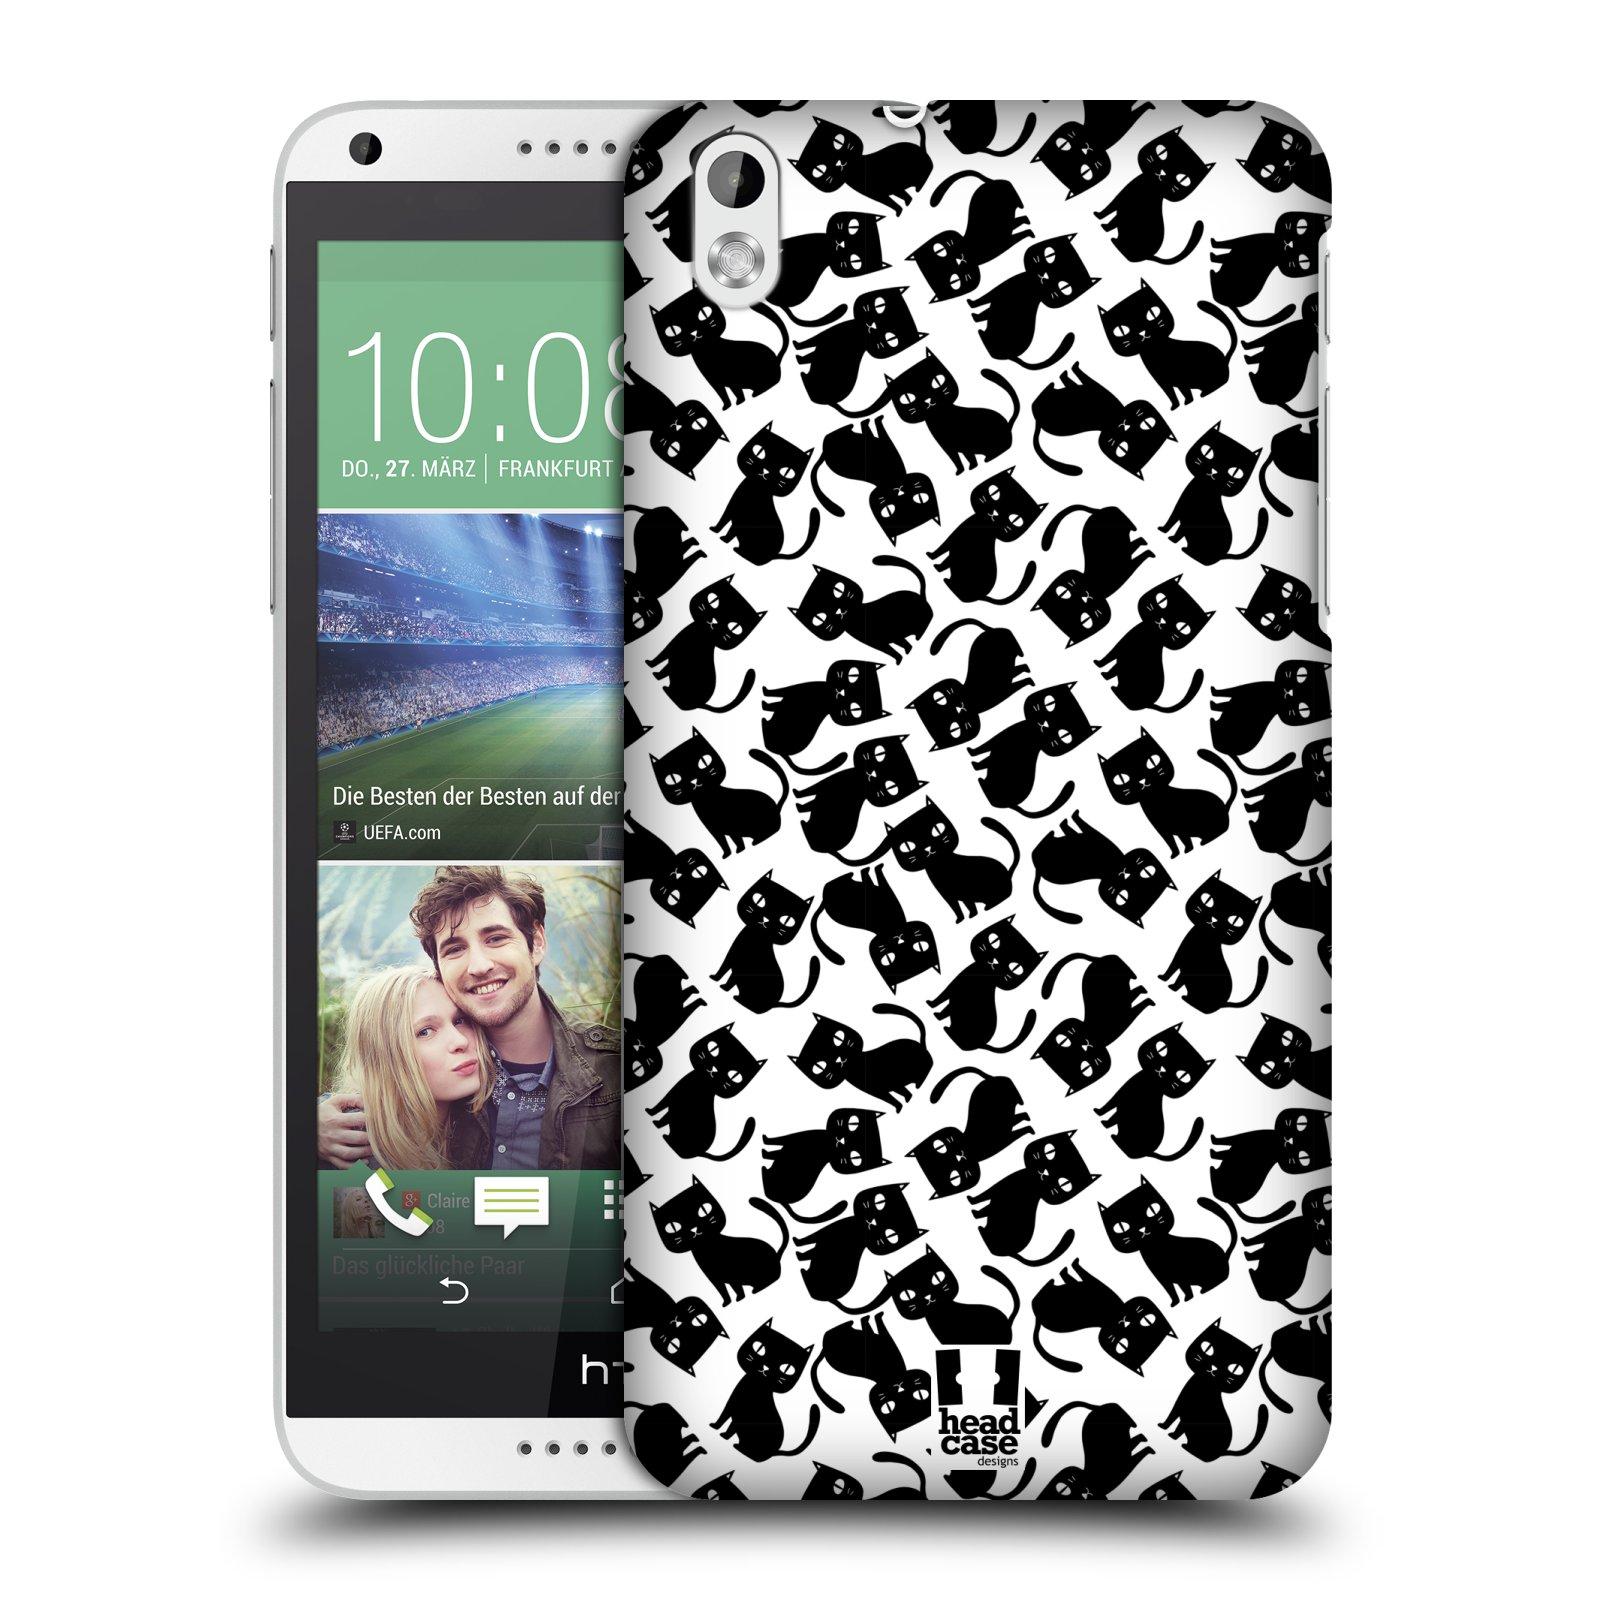 Plastové pouzdro na mobil HTC Desire 816 HEAD CASE KOČKY Black Pattern (Kryt či obal na mobilní telefon HTC Desire 816)